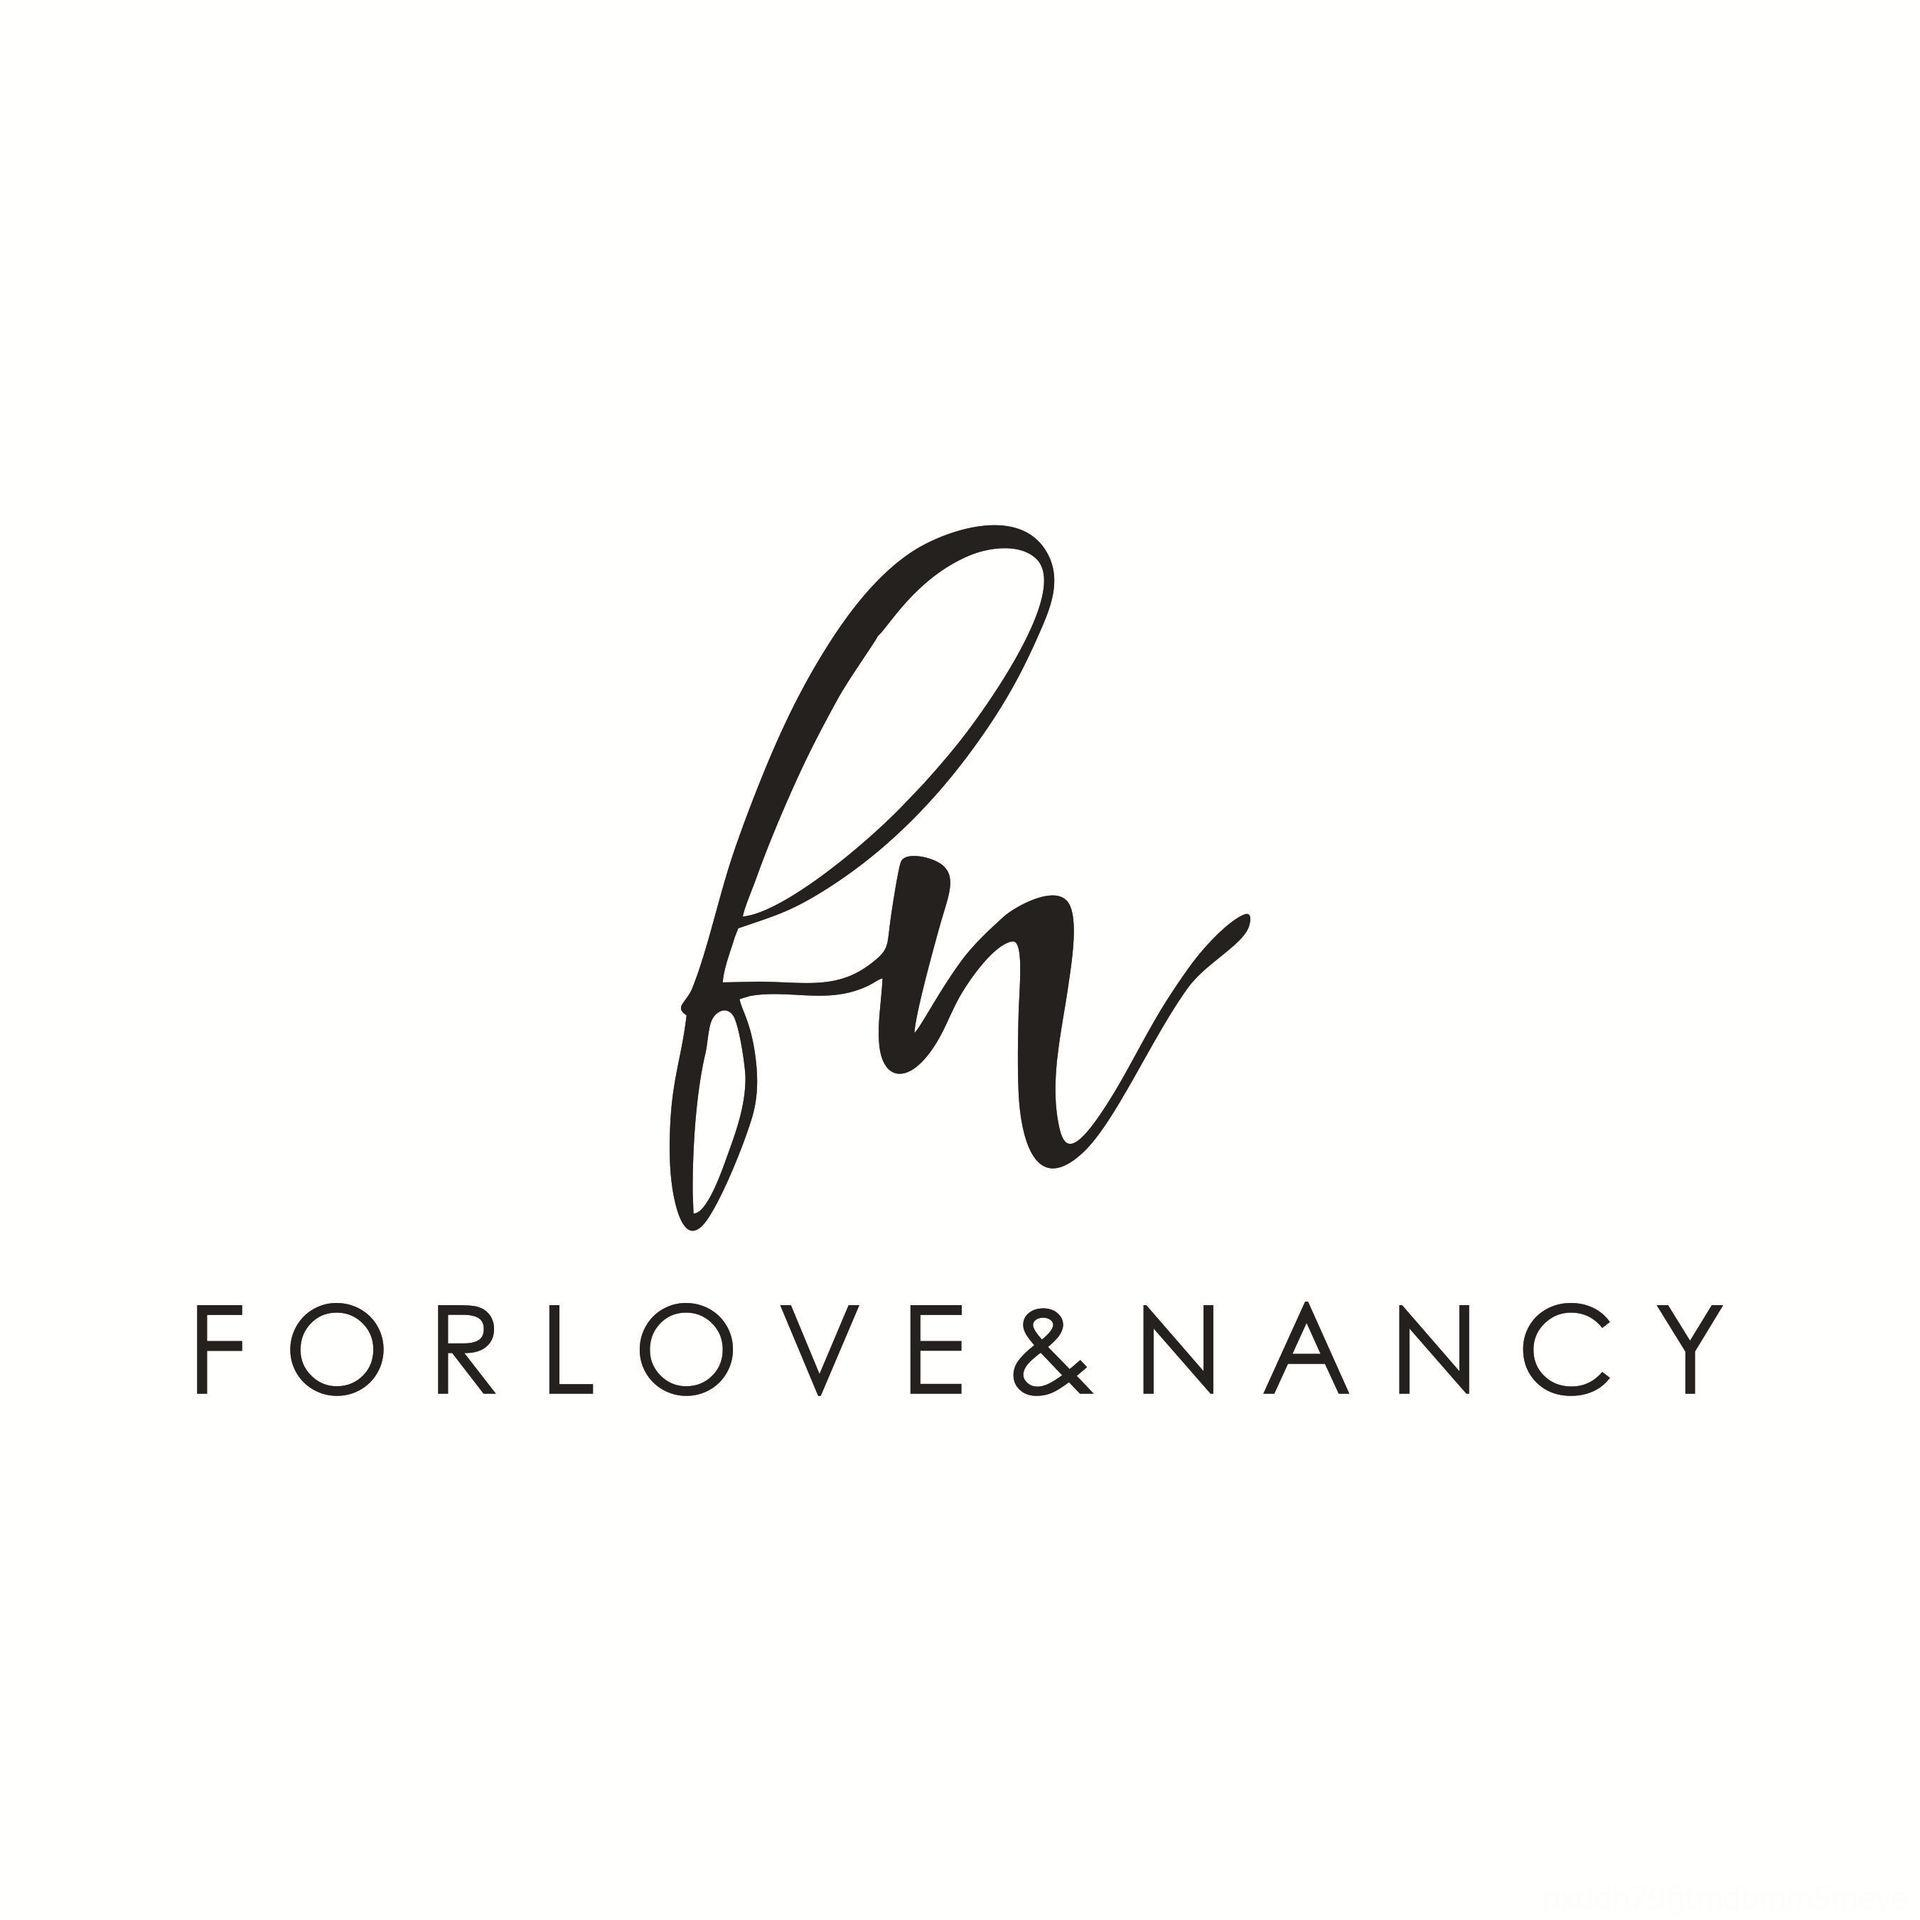 FORLOVENANCY zusätzlichen Nachschub und machen den Unterschied auf FORLOVENANCY Liebe Ergänzungs Liebe Nachschub Fracht und u machen